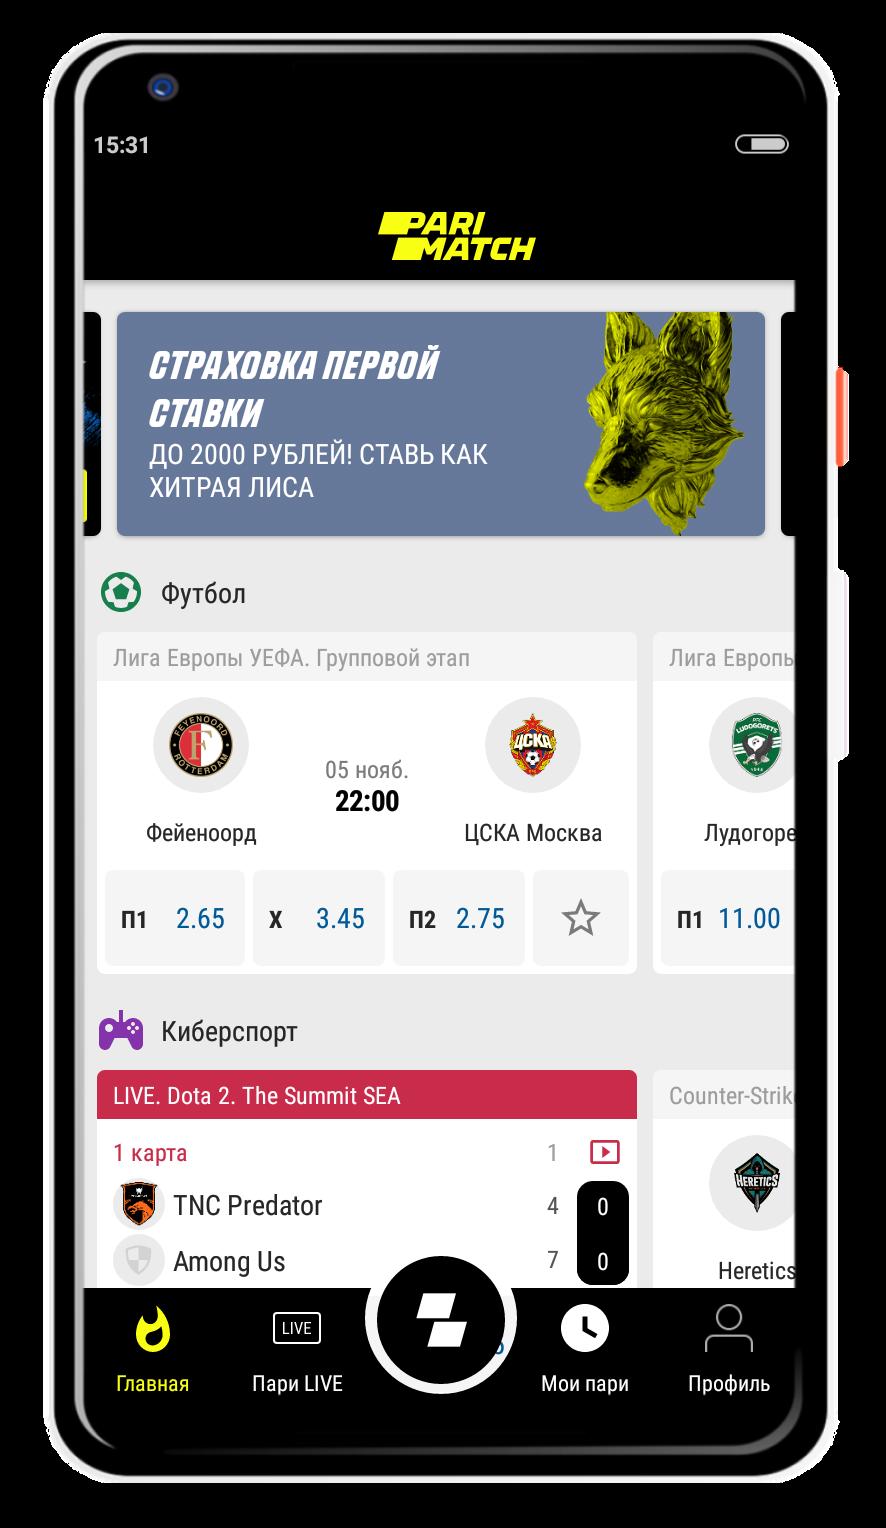 андроид париматч приложение